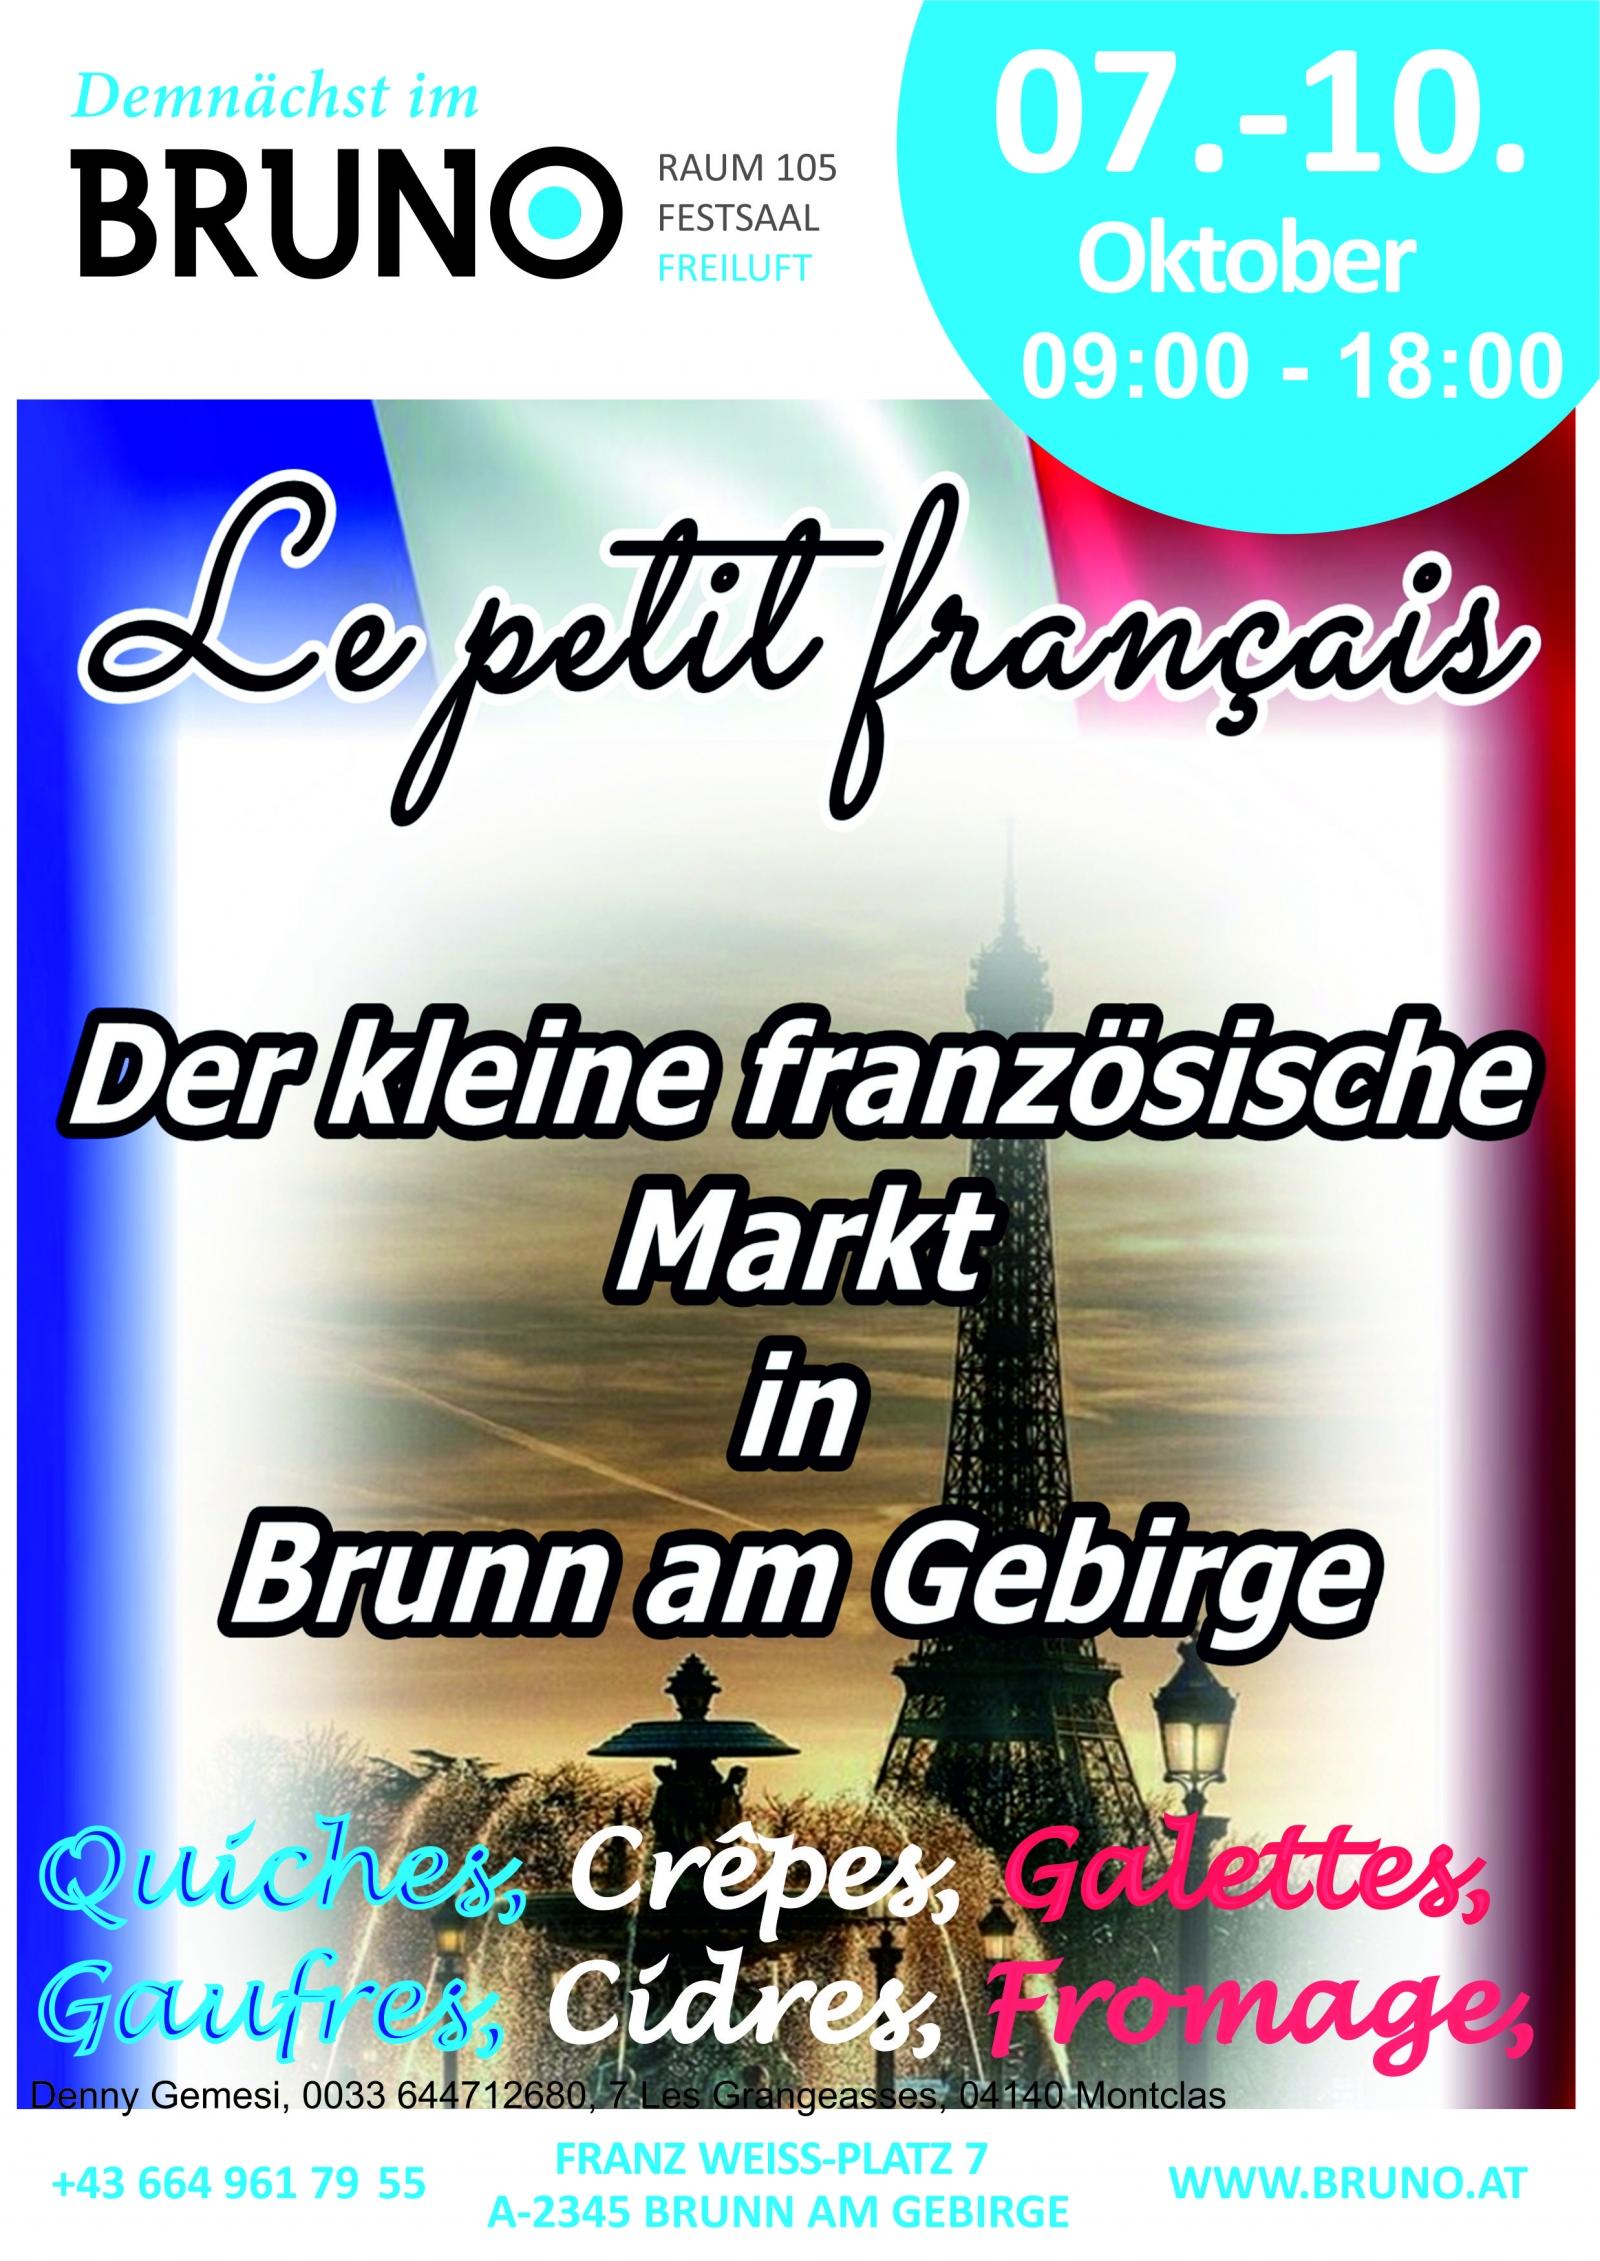 Der kleine französische Markt